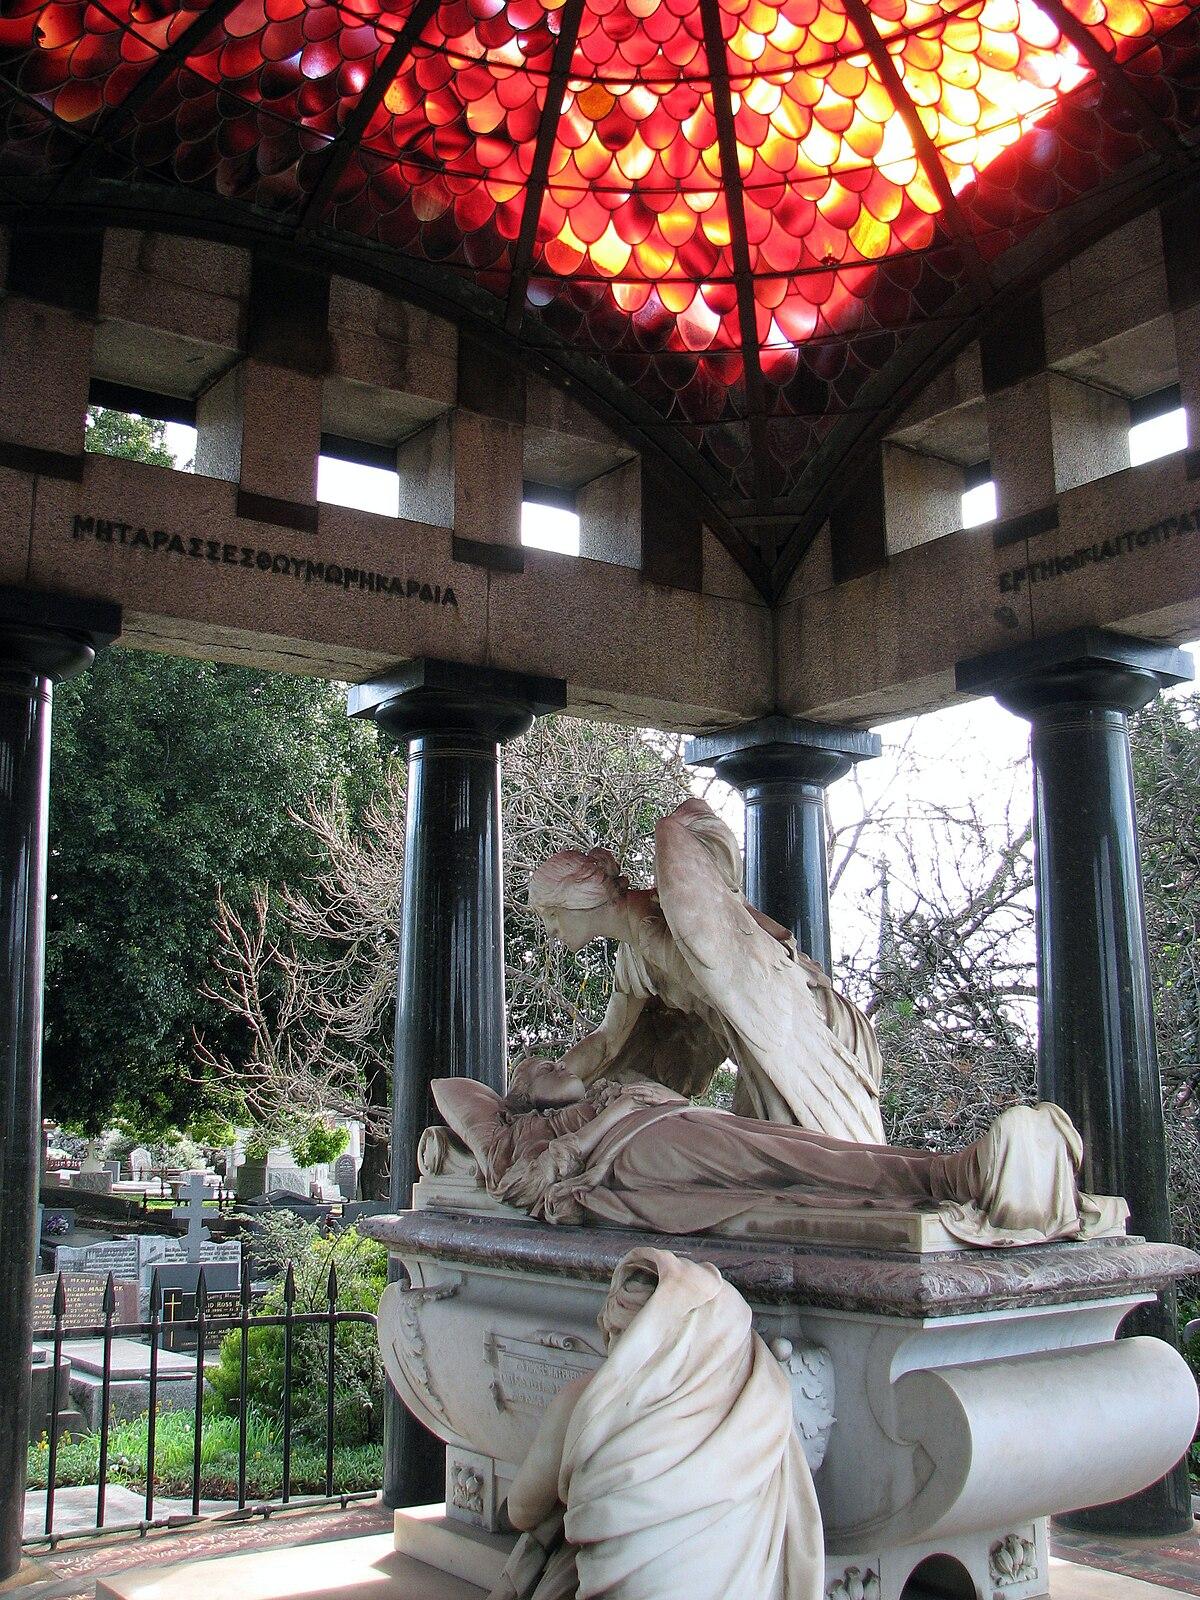 Springthorpe Memorial Wikipedia